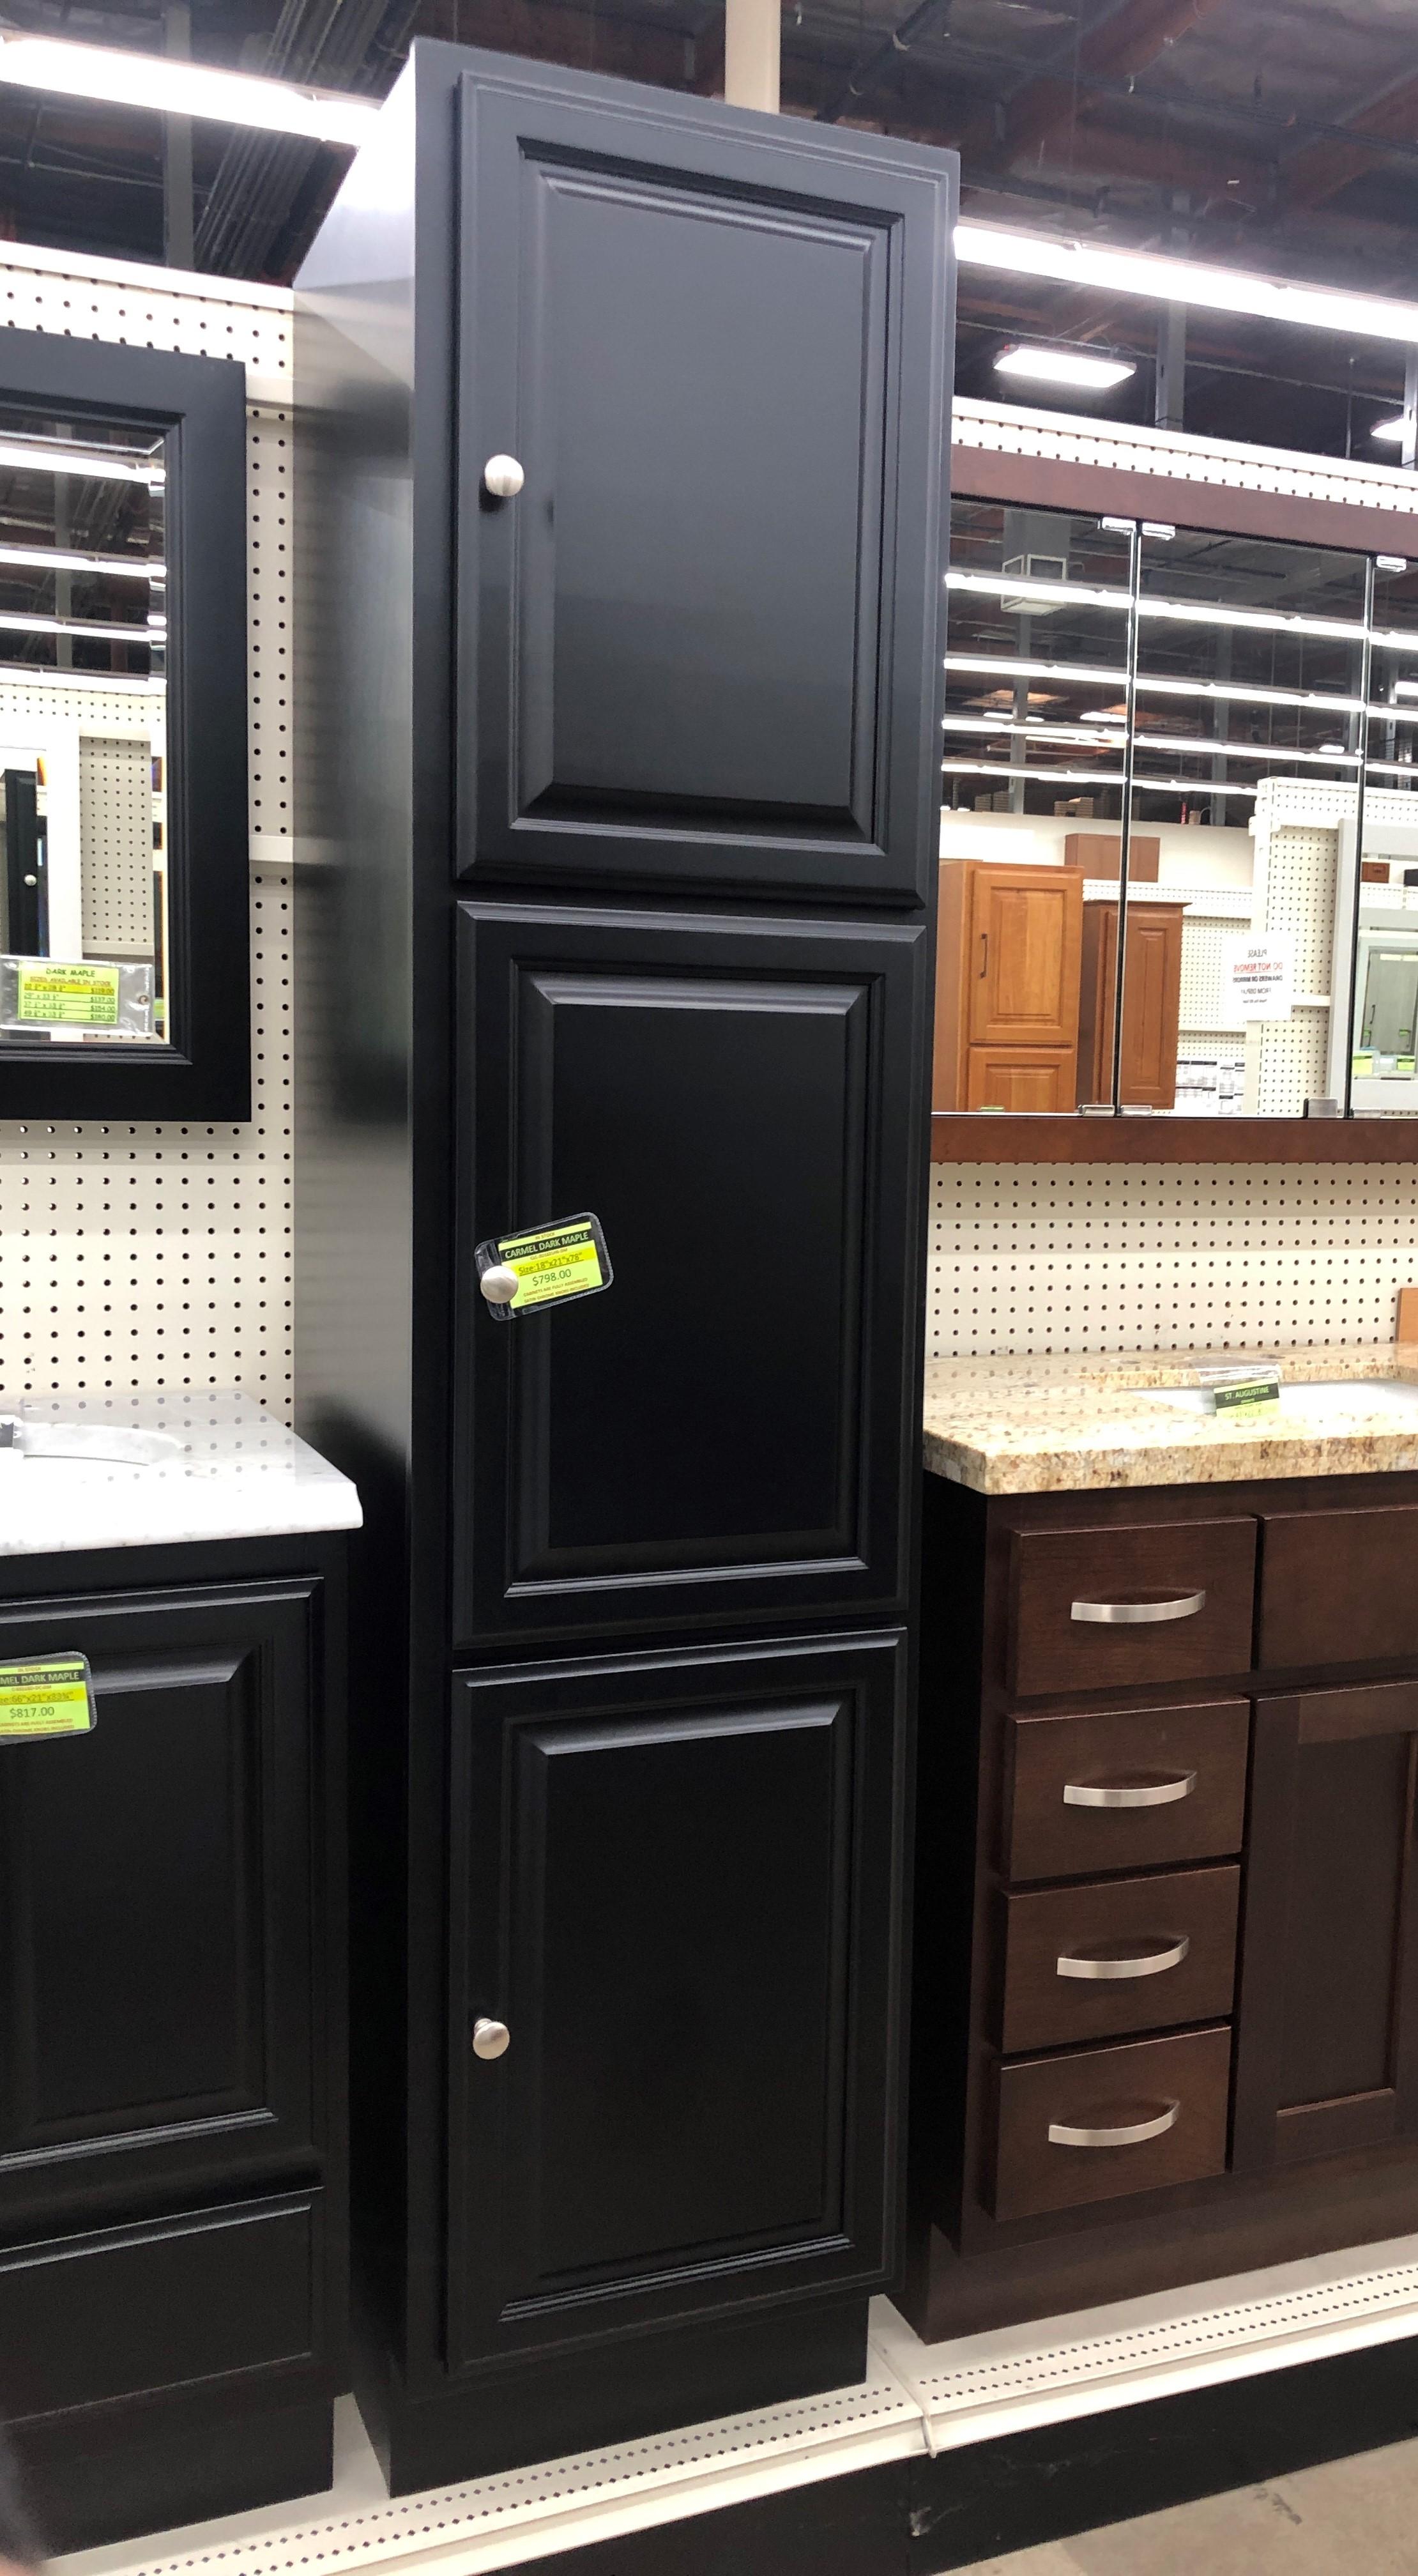 Carmel Dark Maple Linen Cabinet - Builders Surplus ... on Maple Cabinets  id=56438